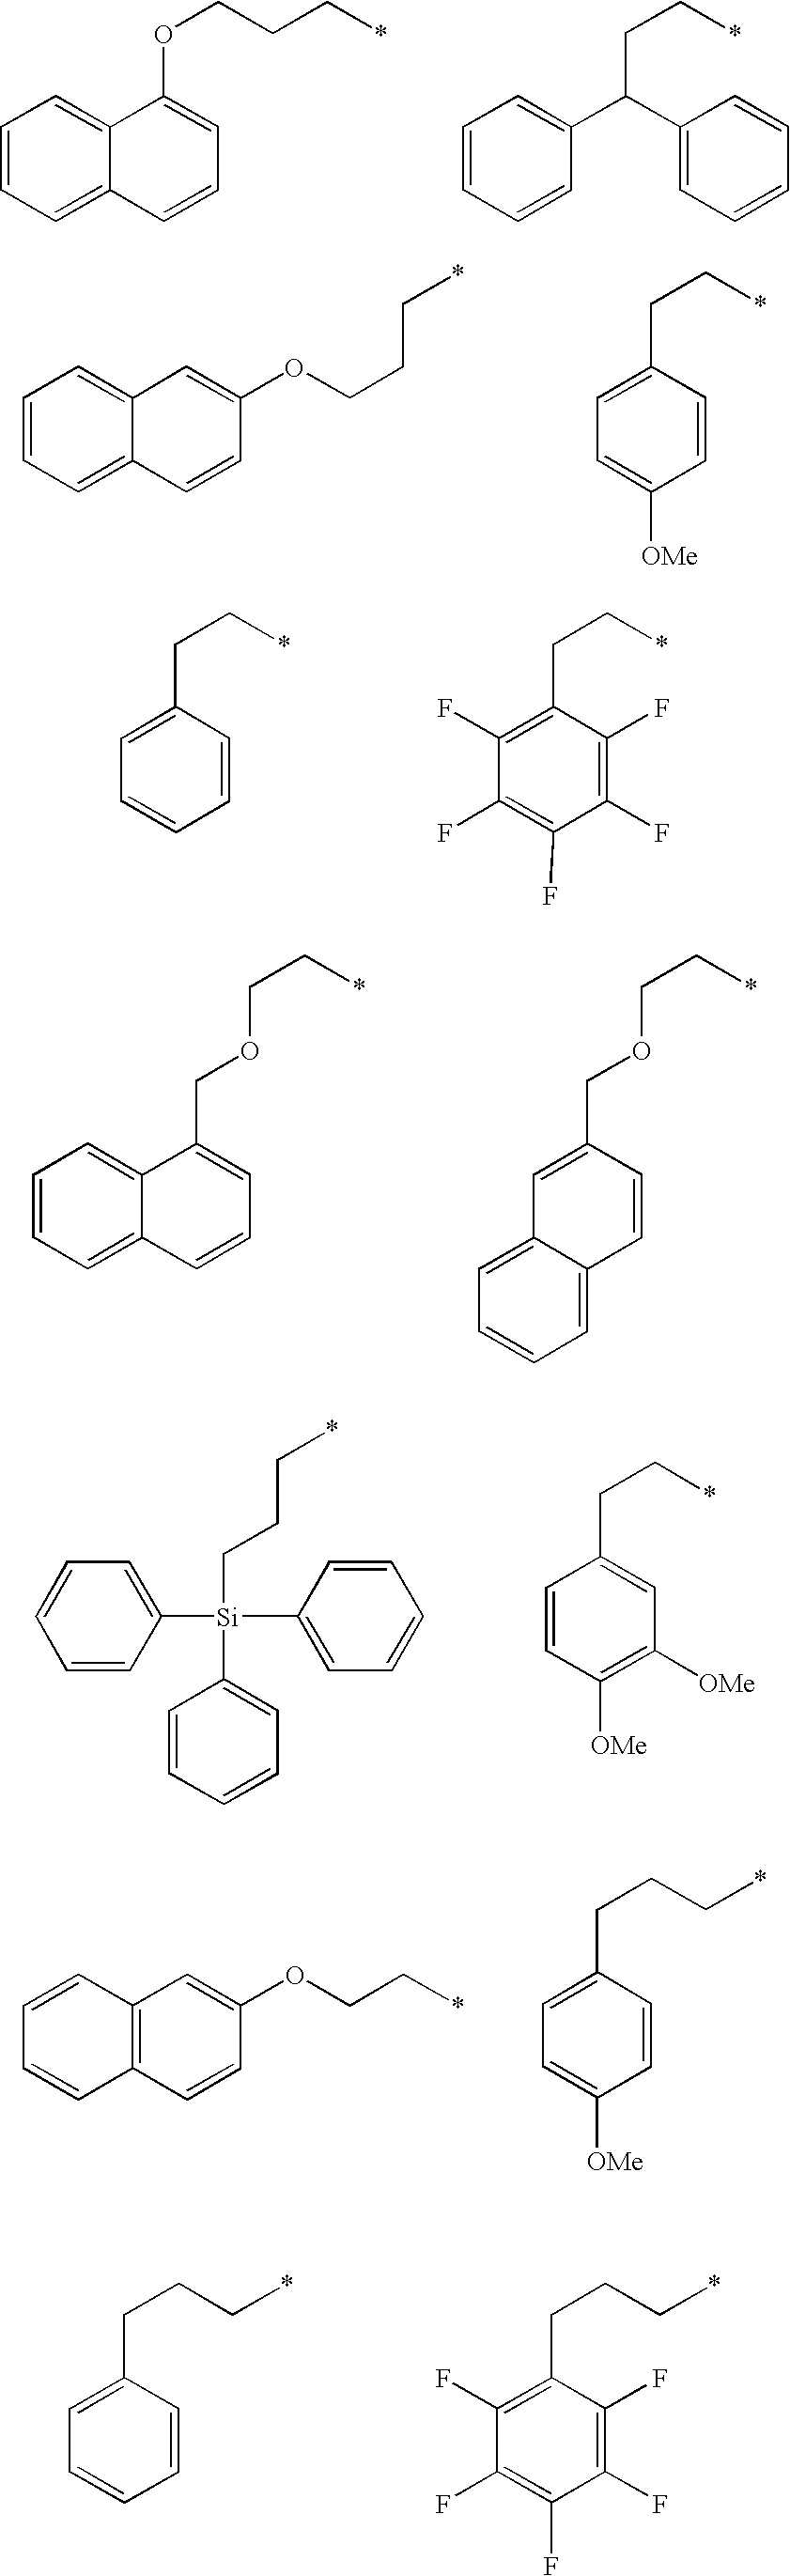 Figure US06989430-20060124-C00012